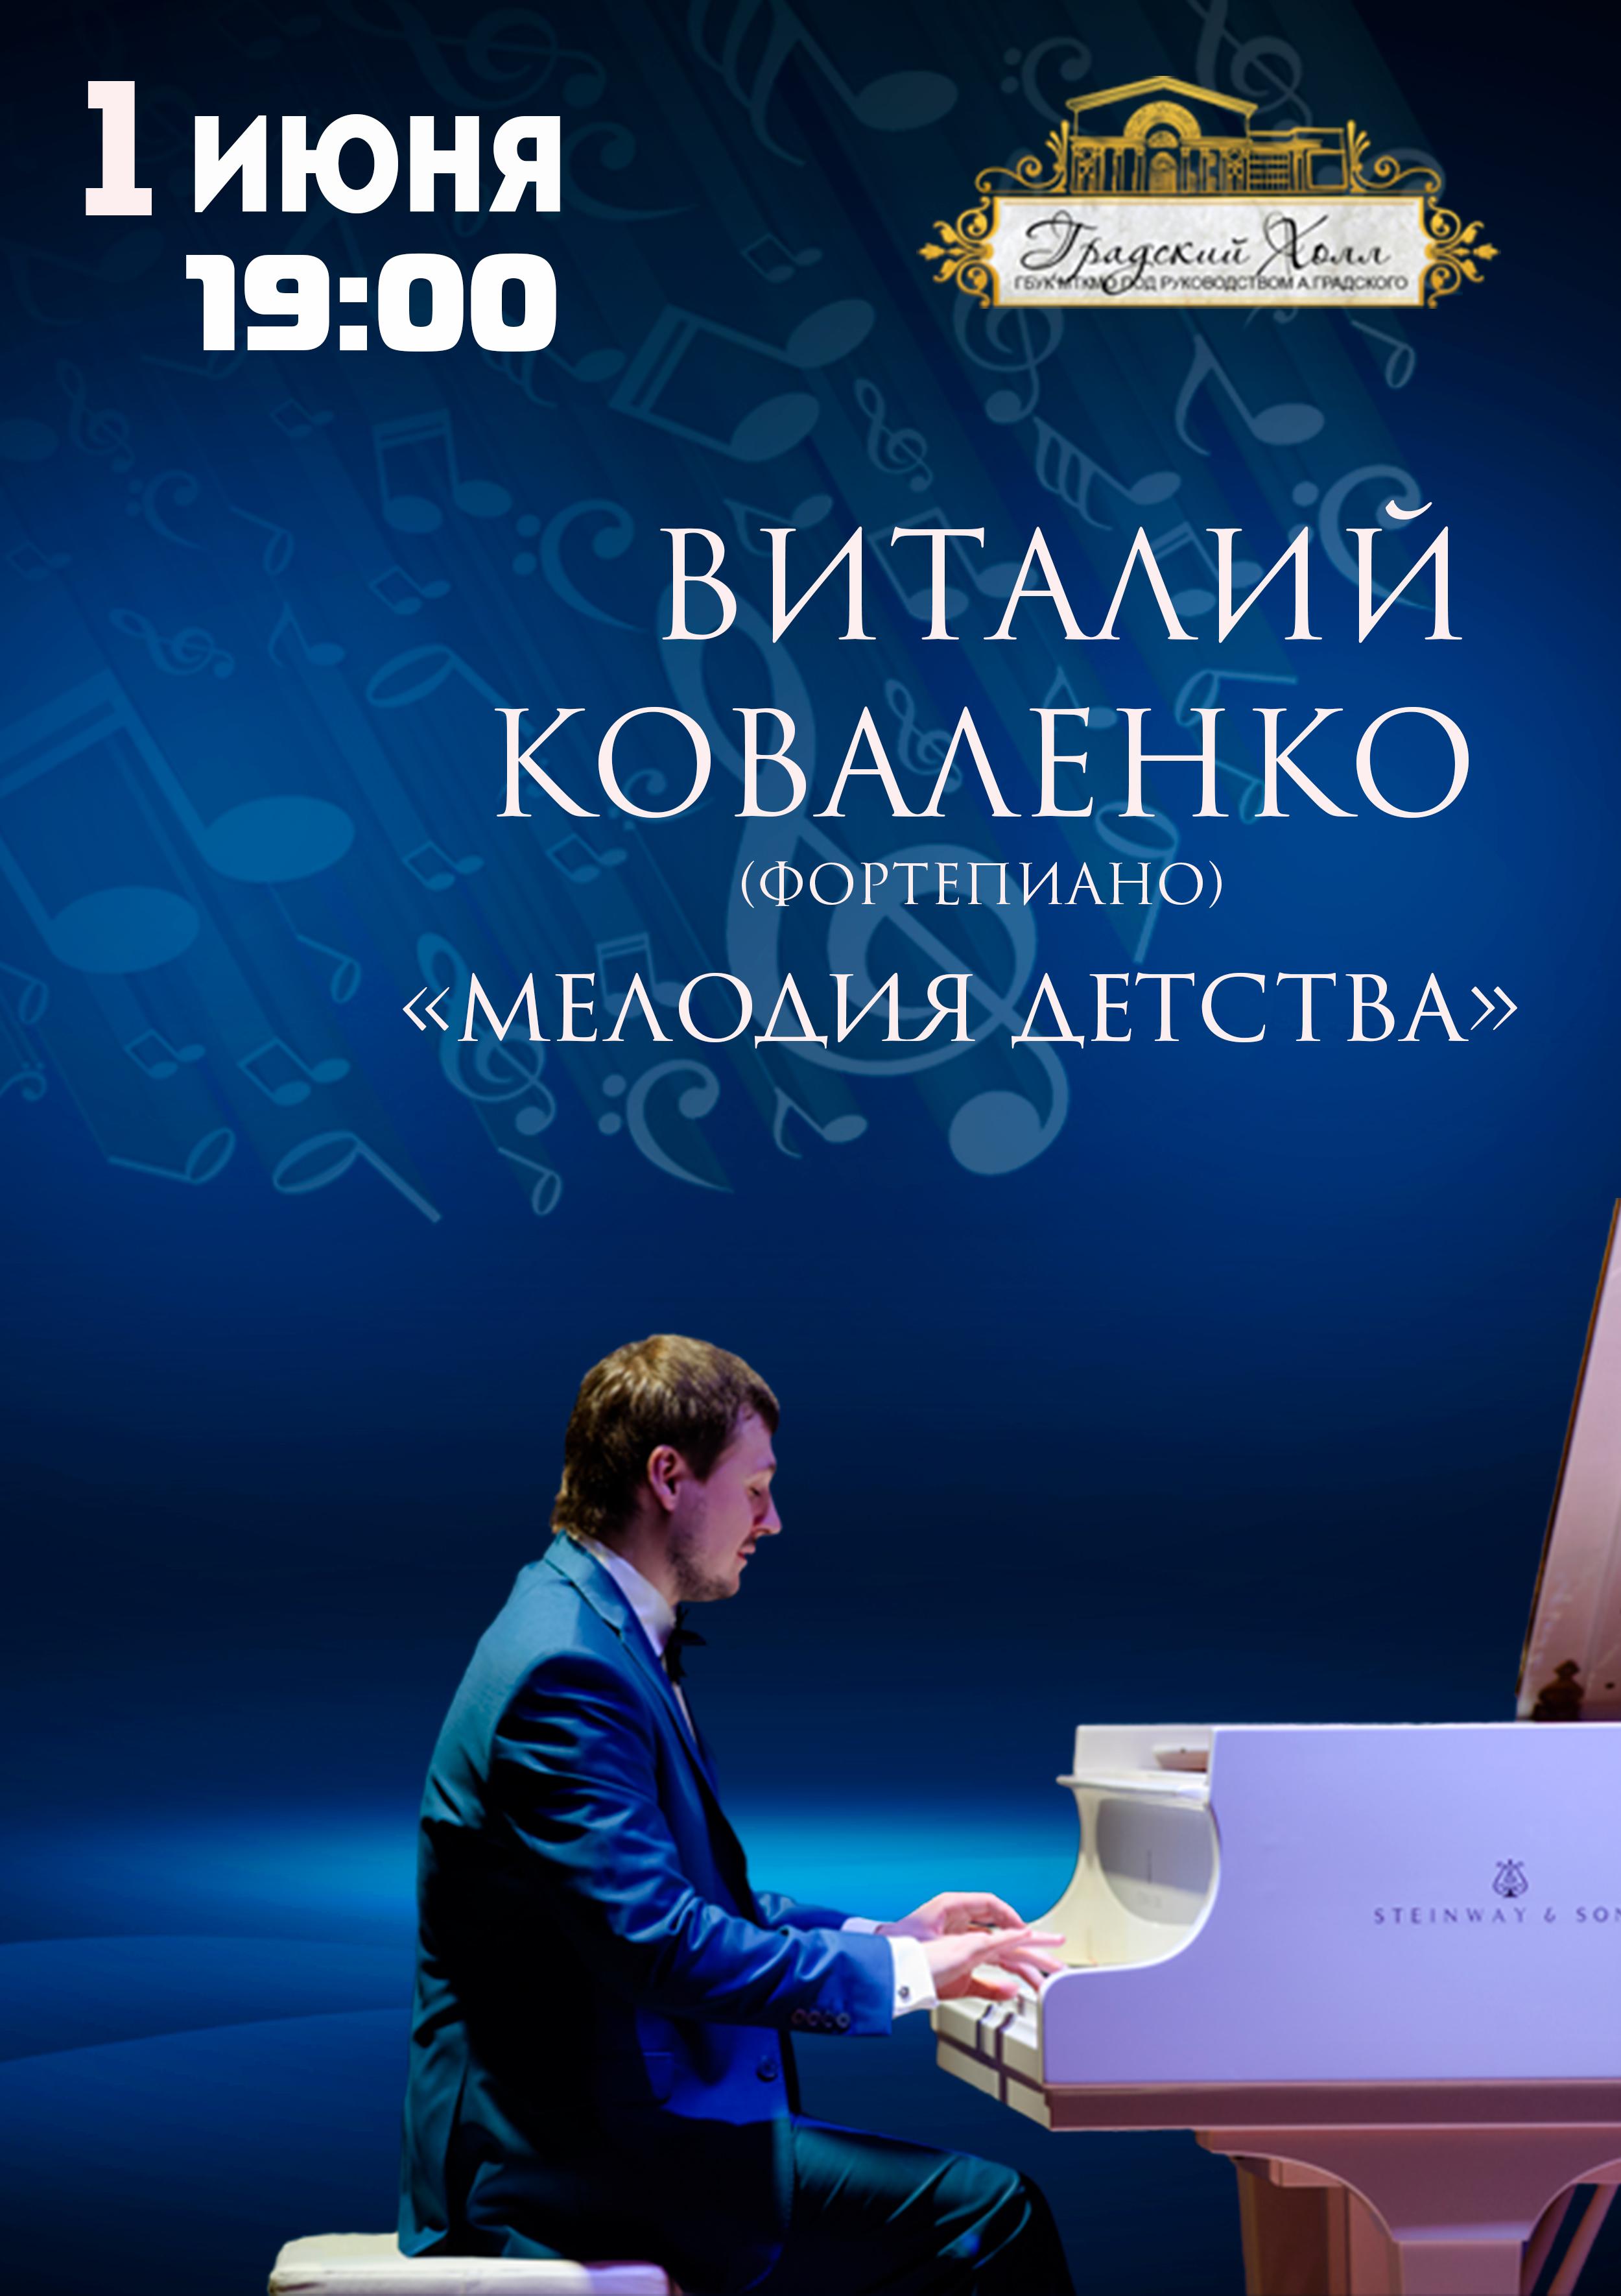 Виталий Коваленко «Музыка Детства»